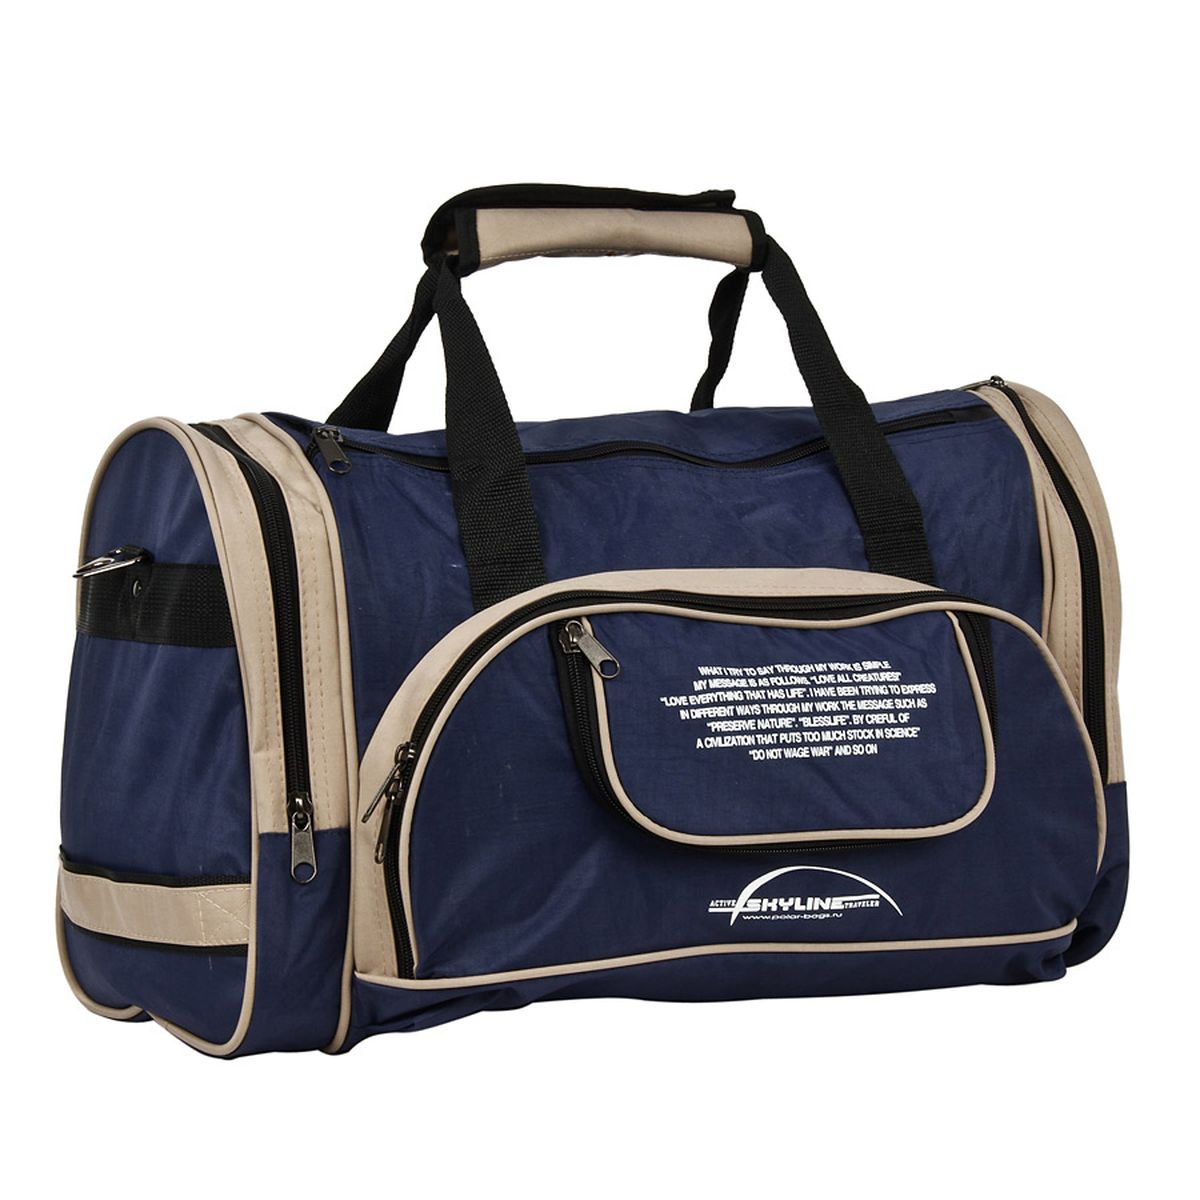 Сумка спортивная Polar, цвет: синий, бежевый, 37,5 л. 60656065_синий, бежевыйСпортивная сумка Polar выполнена из полиэстера с водоотталкивающей пропиткой.Сумка имеет одно большое отделение. На лицевой стороне и по бокам сумки расположены карманы на молнии. Изделие оснащено двумя удобными текстильными ручками и съемным плечевым ремнем.